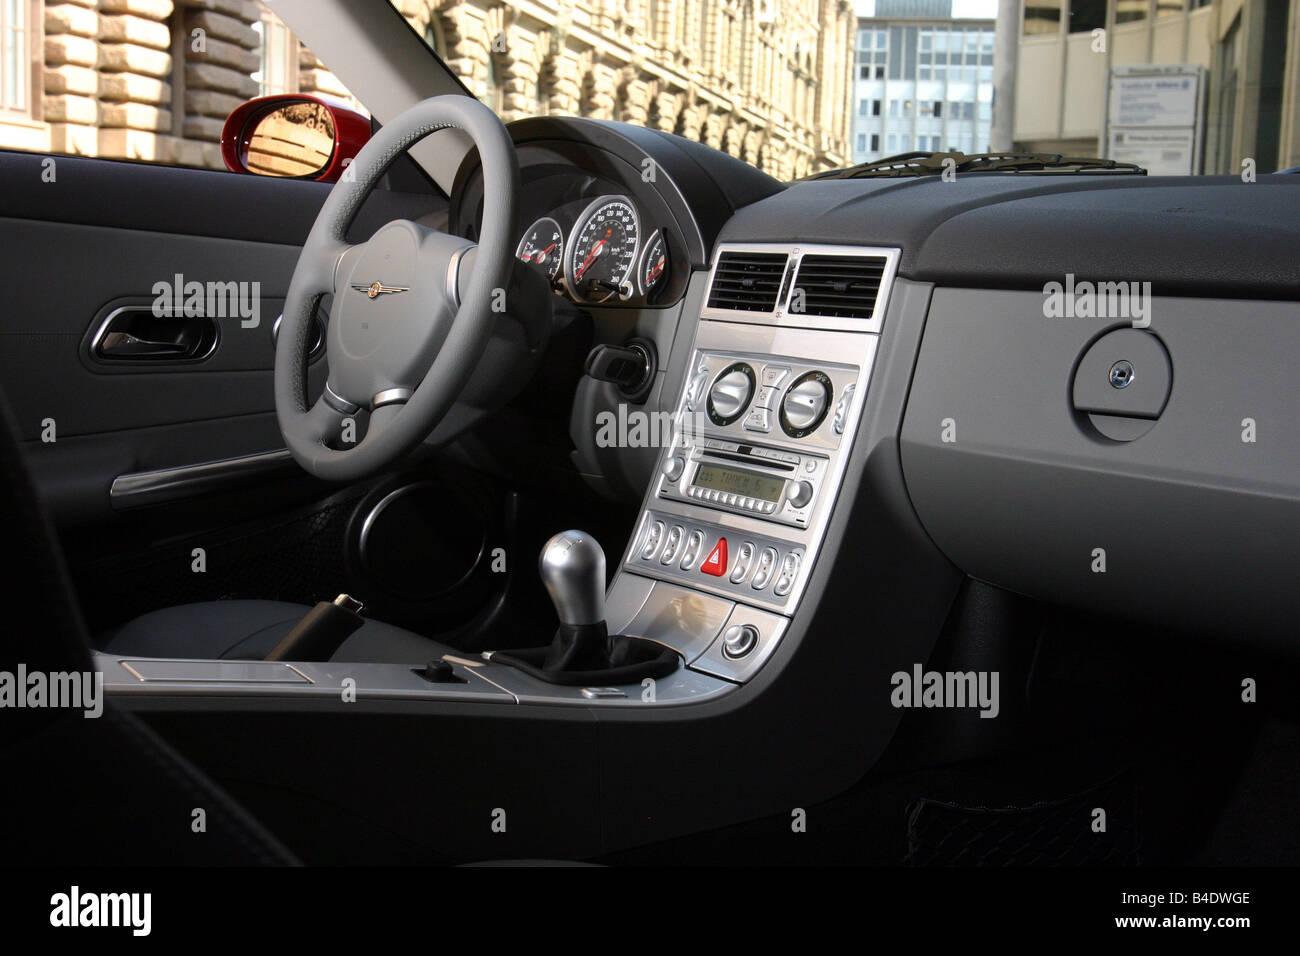 voiture chrysler crossfire roadster rouge anne modle 2003 coupcabriolet vue de lintrieur vue de lintrieur lhabitacle laccesseur